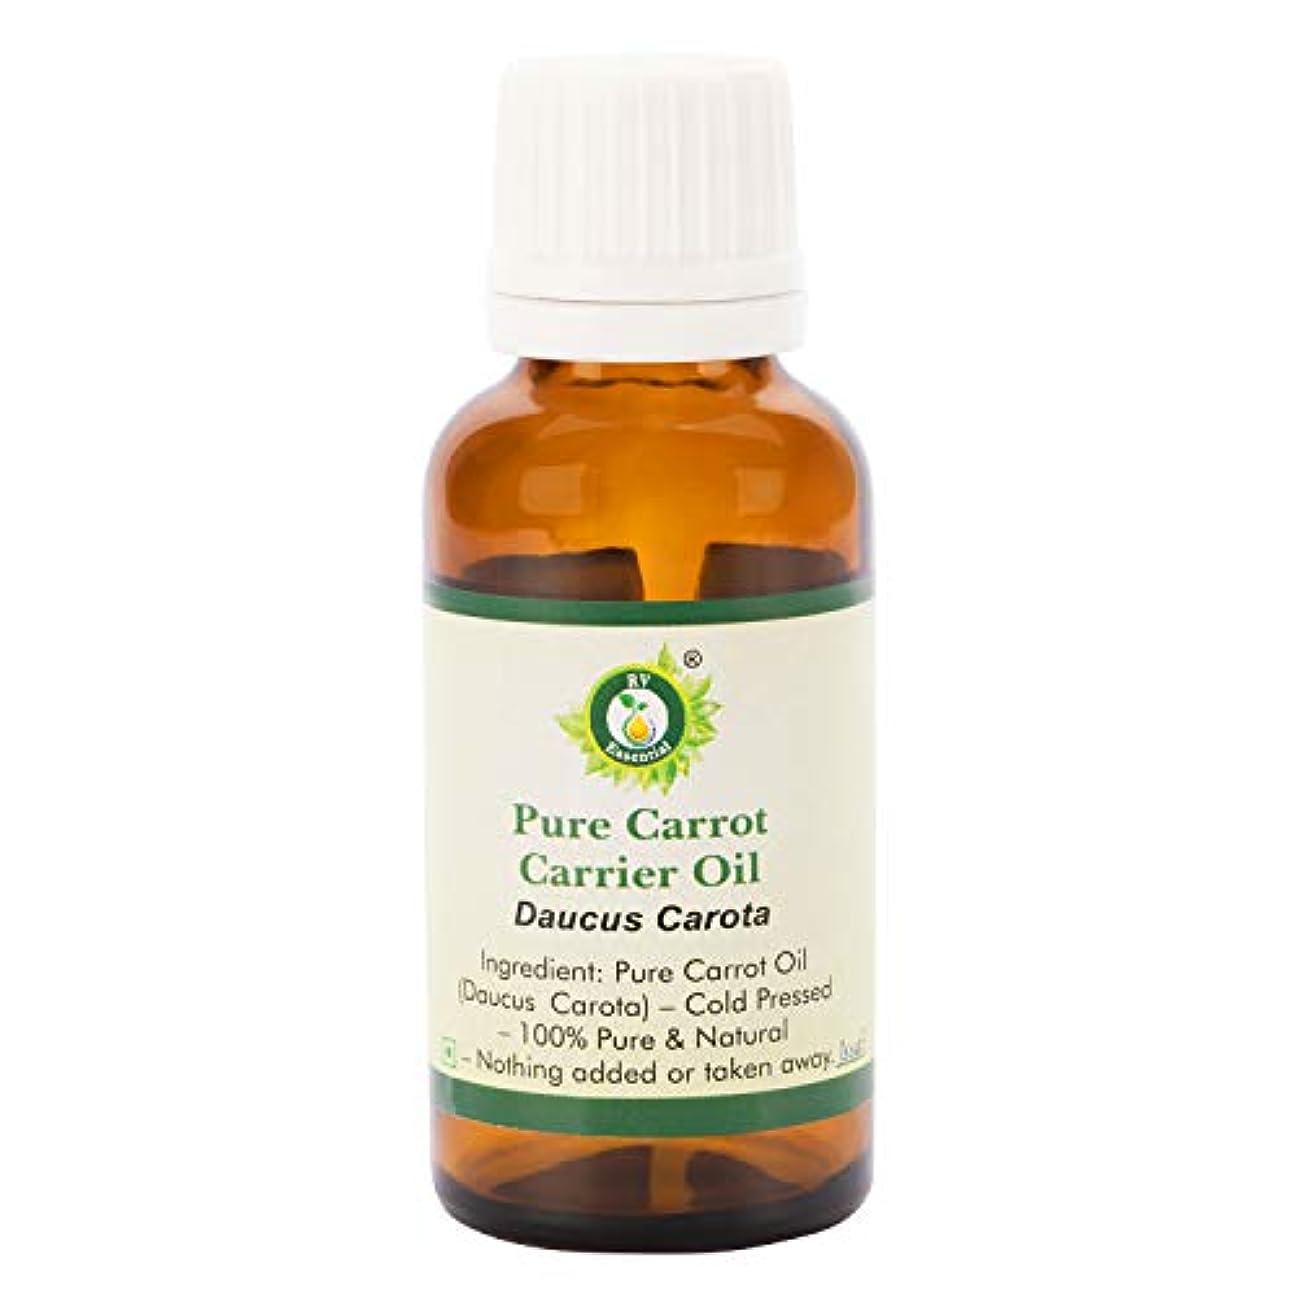 なしで予測する保険をかけるピュアキャロットキャリアオイル100ml (3.38oz)- Daucus Carota (100%ピュア&ナチュラルコールドPressed) Pure Carrot Carrier Oil